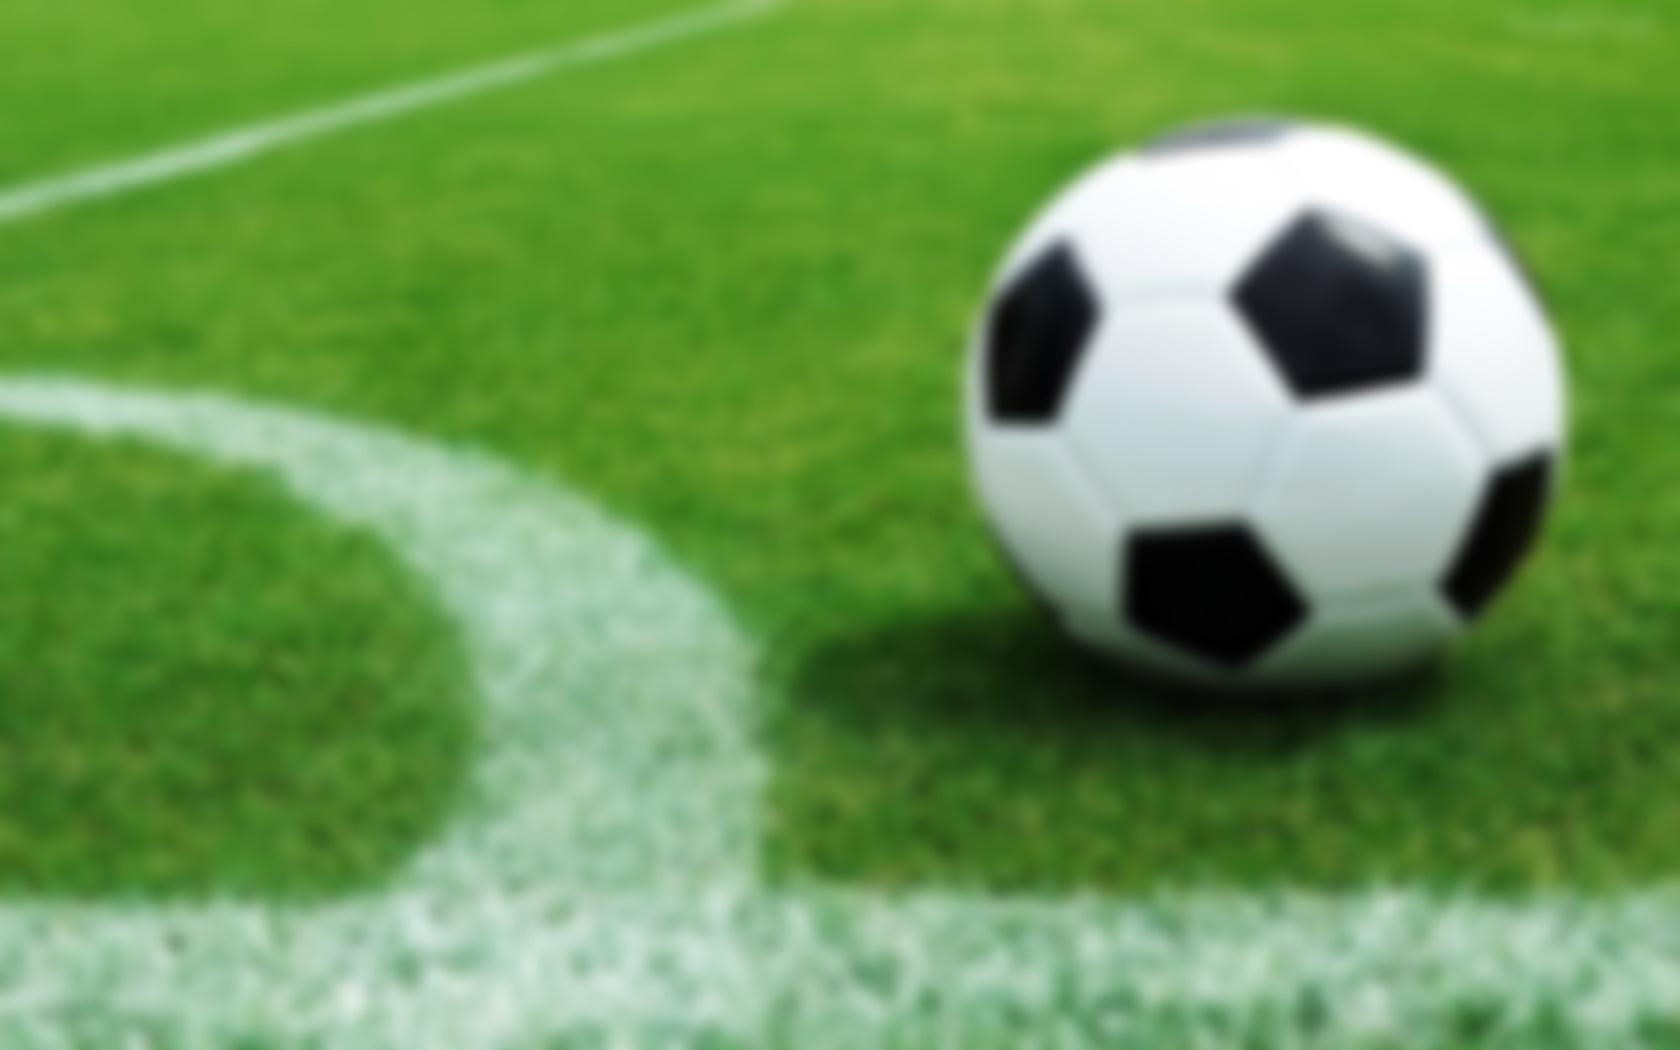 Calendario De Segunda Division De Futbol.Calendario De Futbol Primera Y Segunda Division Espanola